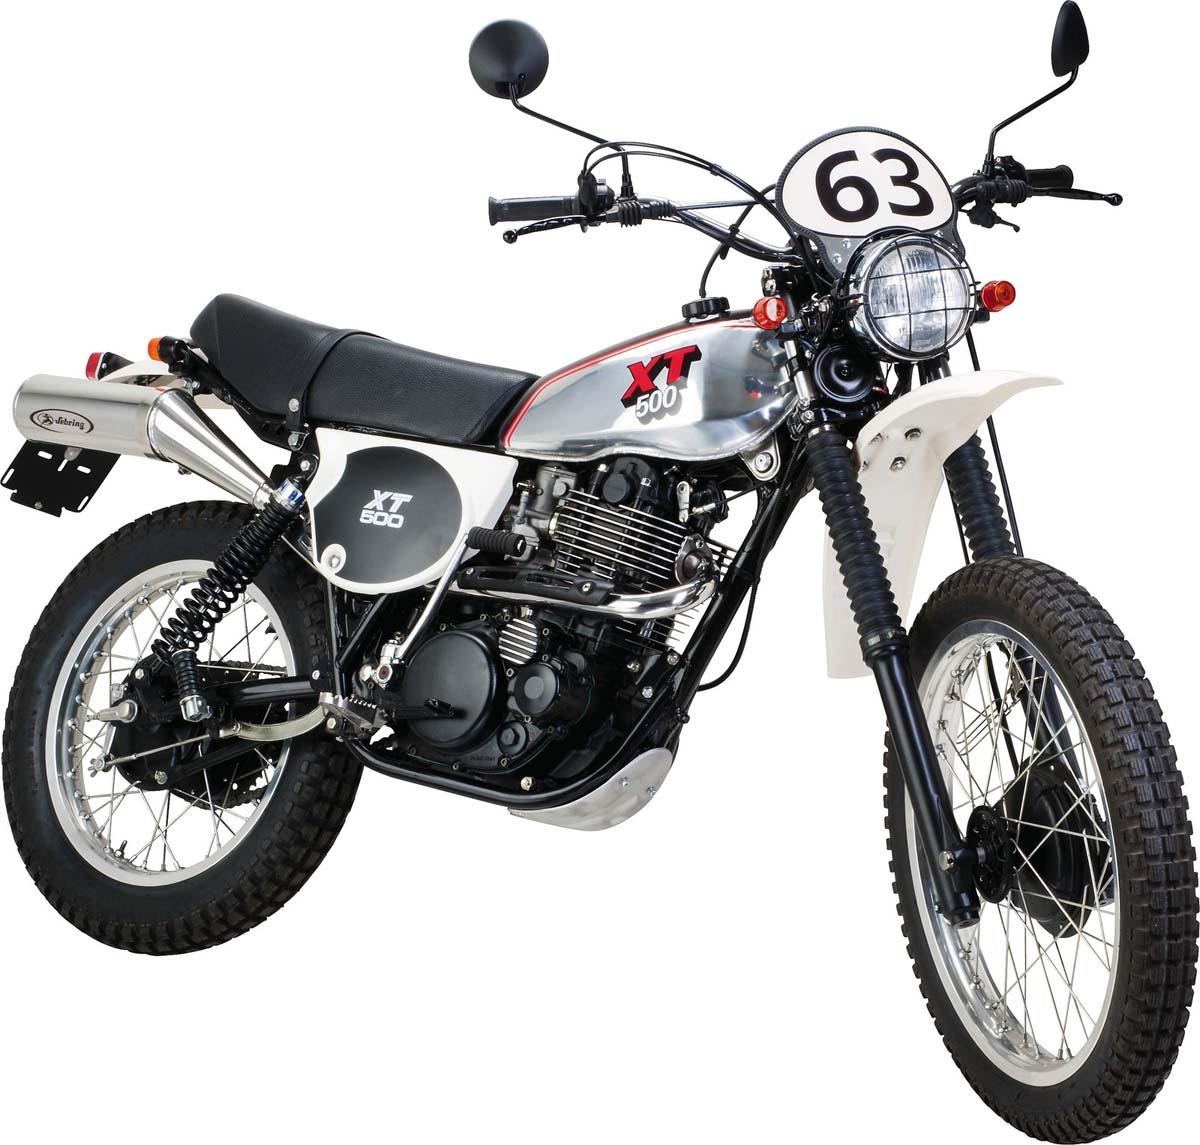 XTT500